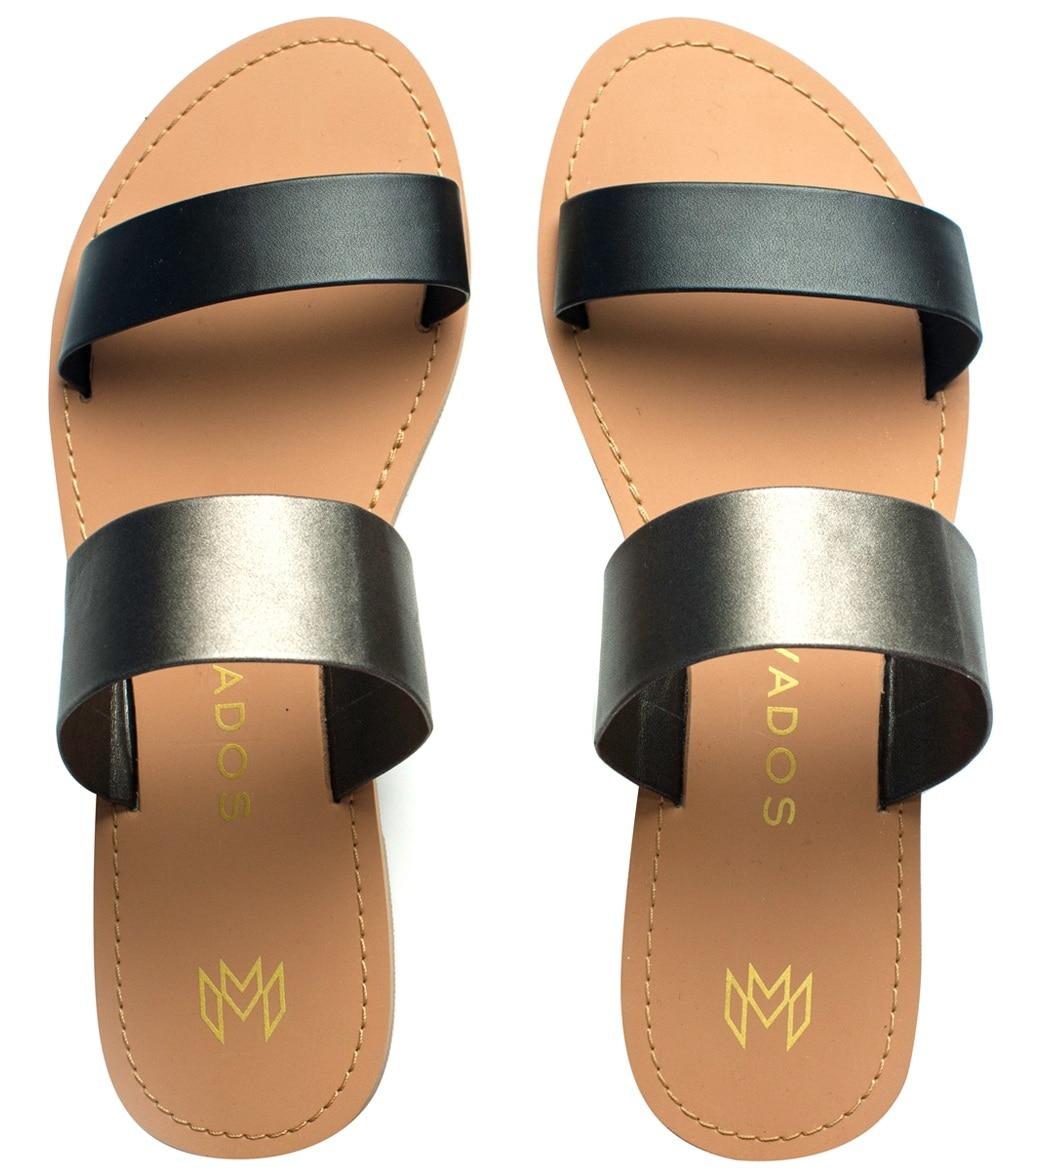 d4b910a4887 Malvados Women s Azalea Double Strap Slide Sandal at SwimOutlet.com